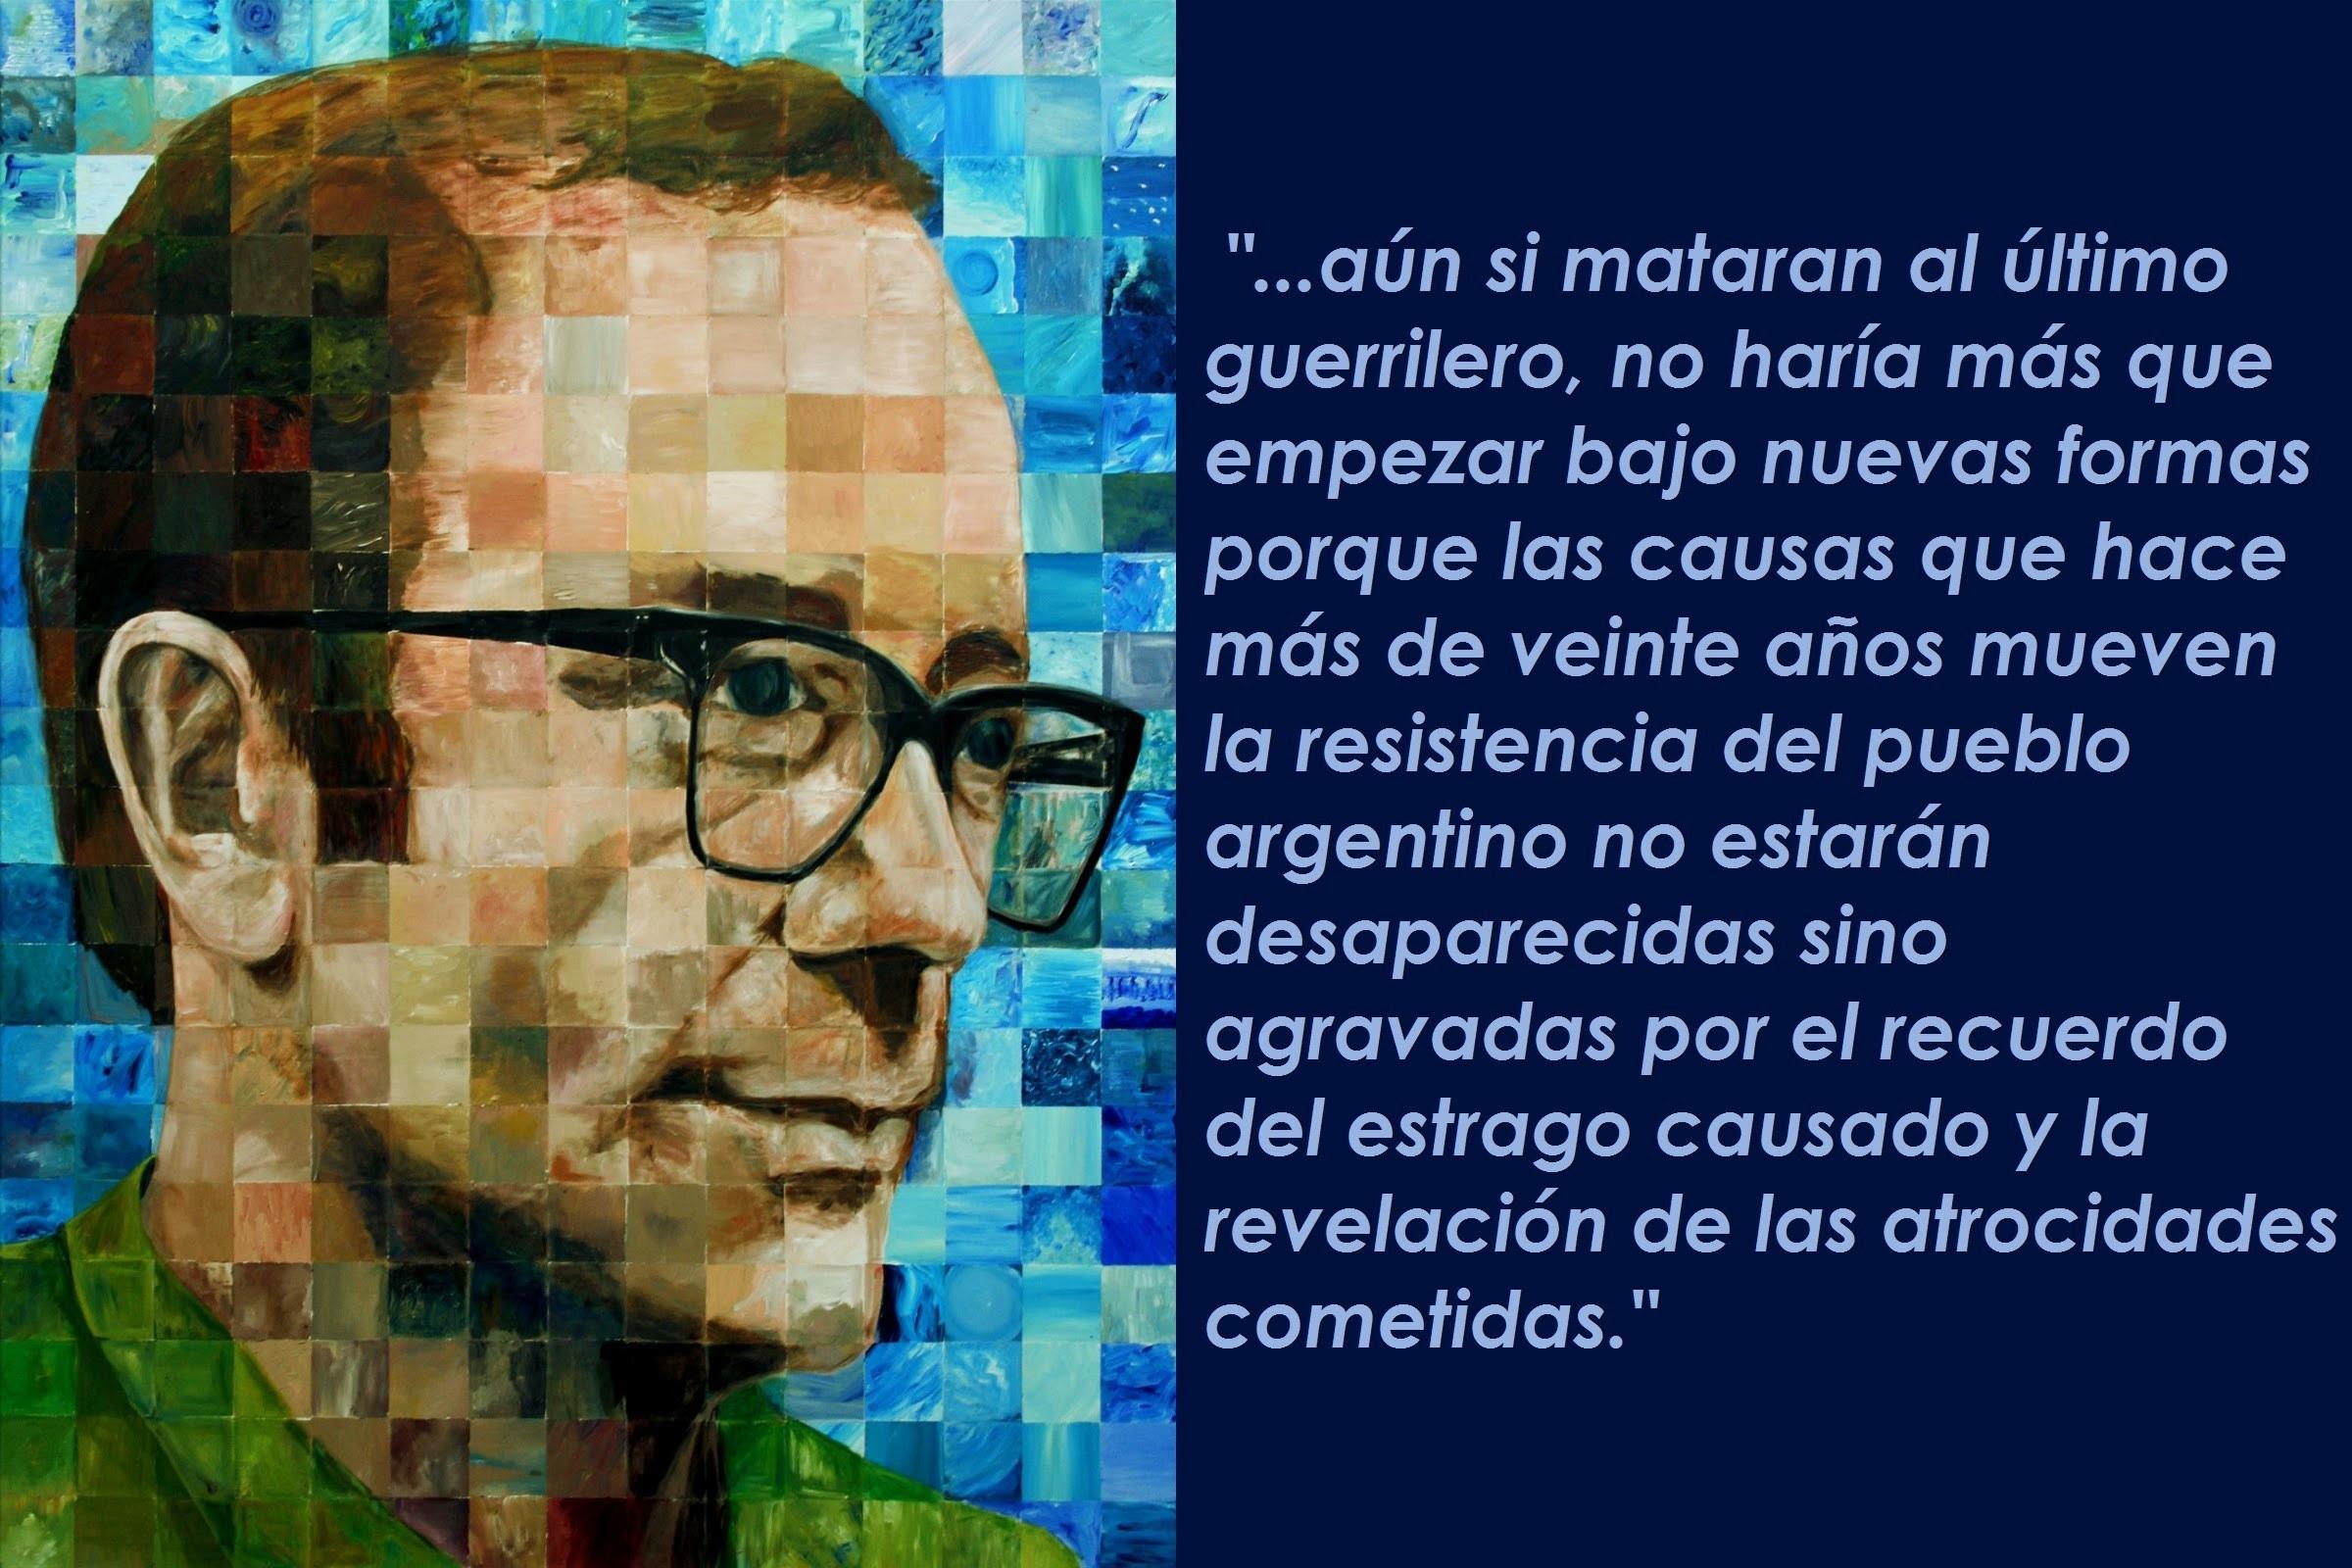 Carta abierta de Rodolfo Walsh a la junta por Alfredo Alcón